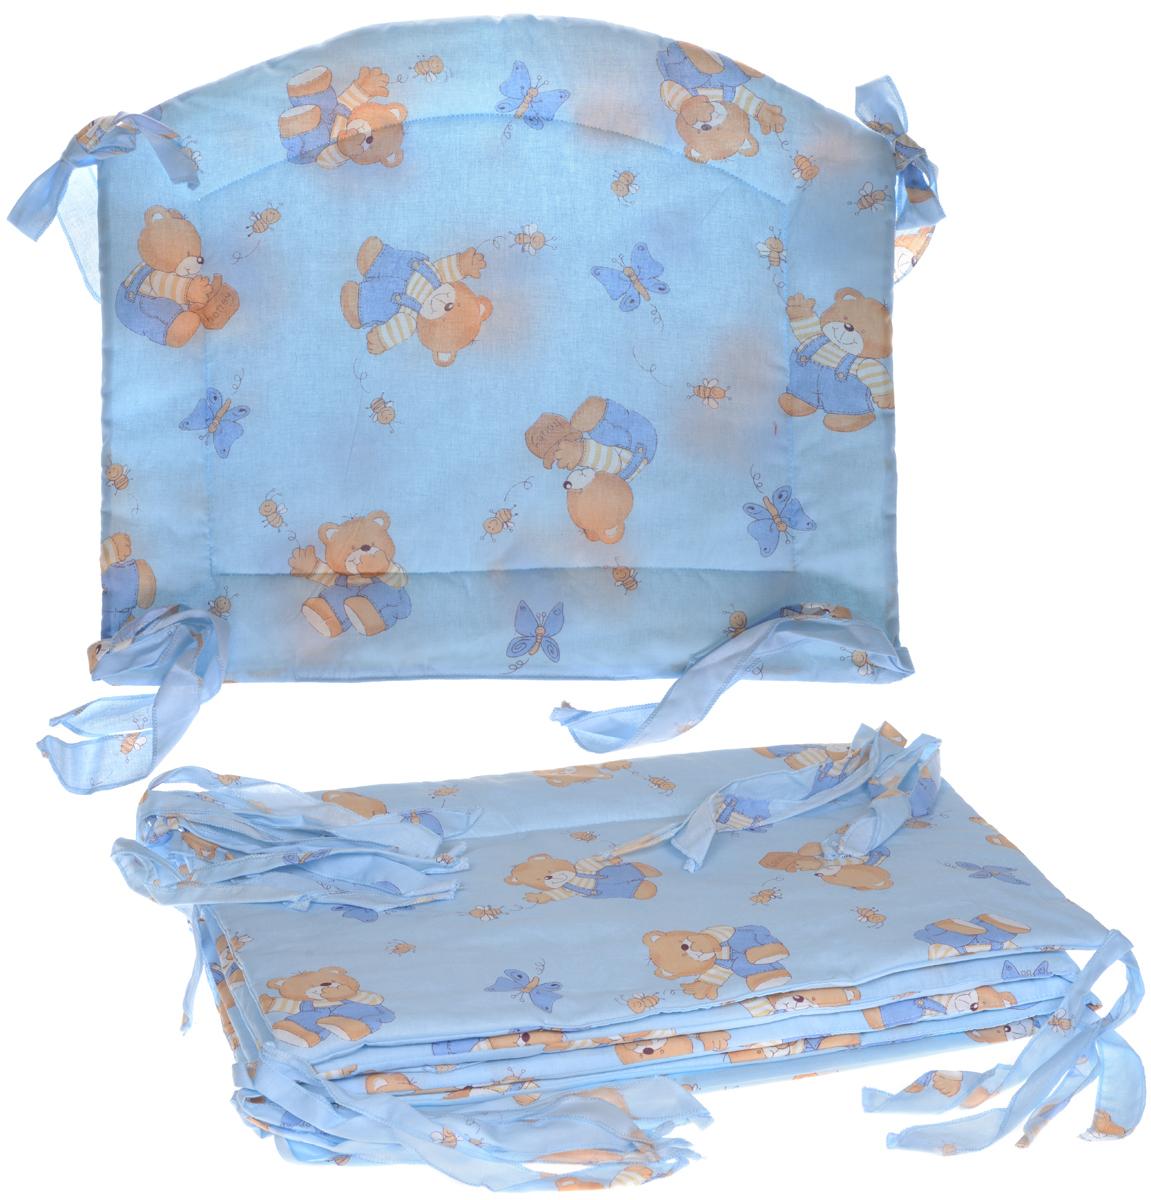 Фея Борт комбинированный 405 Мишка цвет голубой -  Бортики, бамперы